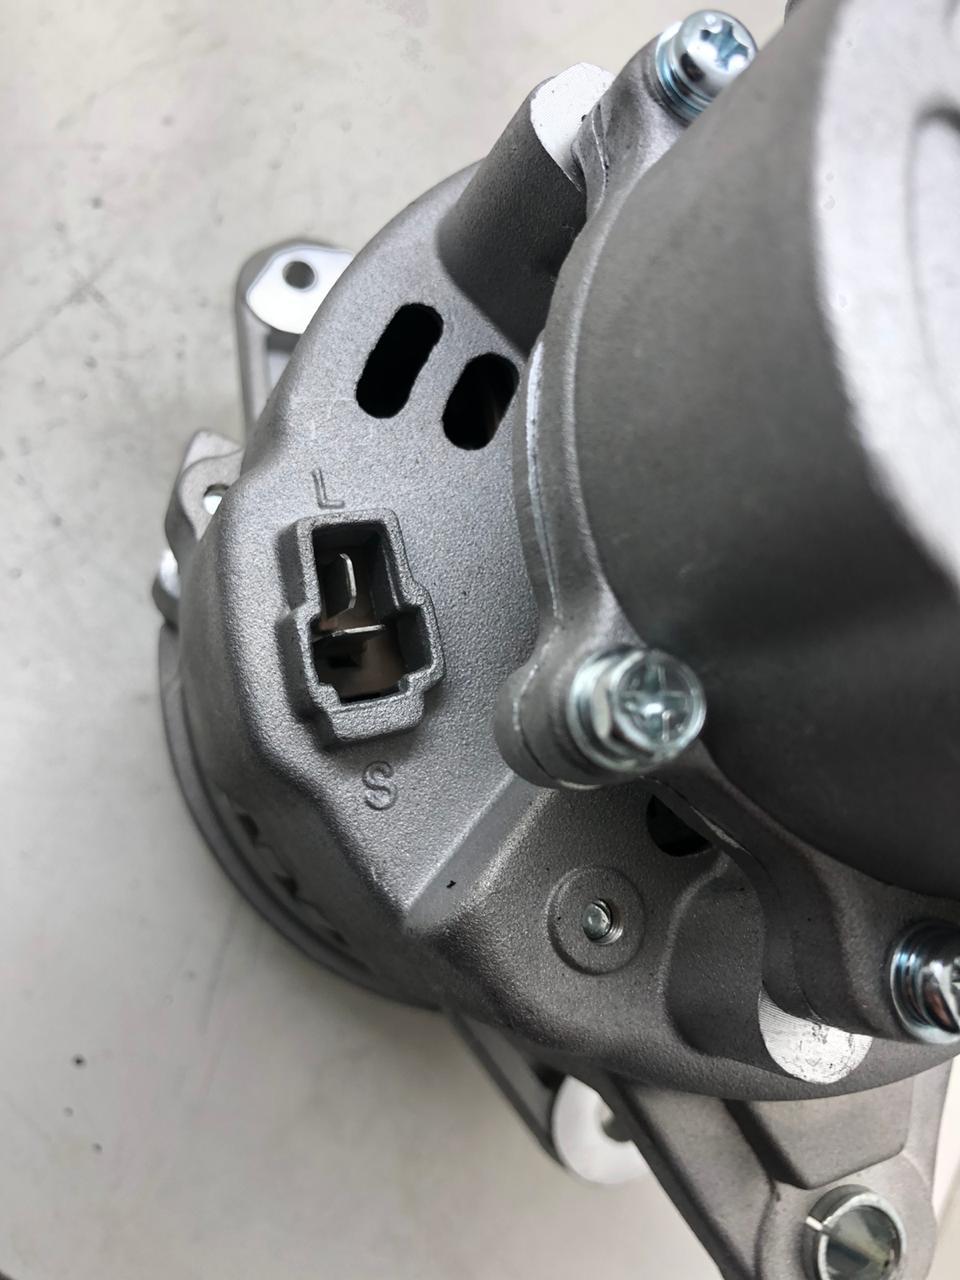 Alternador L200 2.5 GL GLS HPE OUTDOOR MITSUBISHI 14V 55A C/ Bomba de Vácuo Md013740 A2T15584 AEC21060